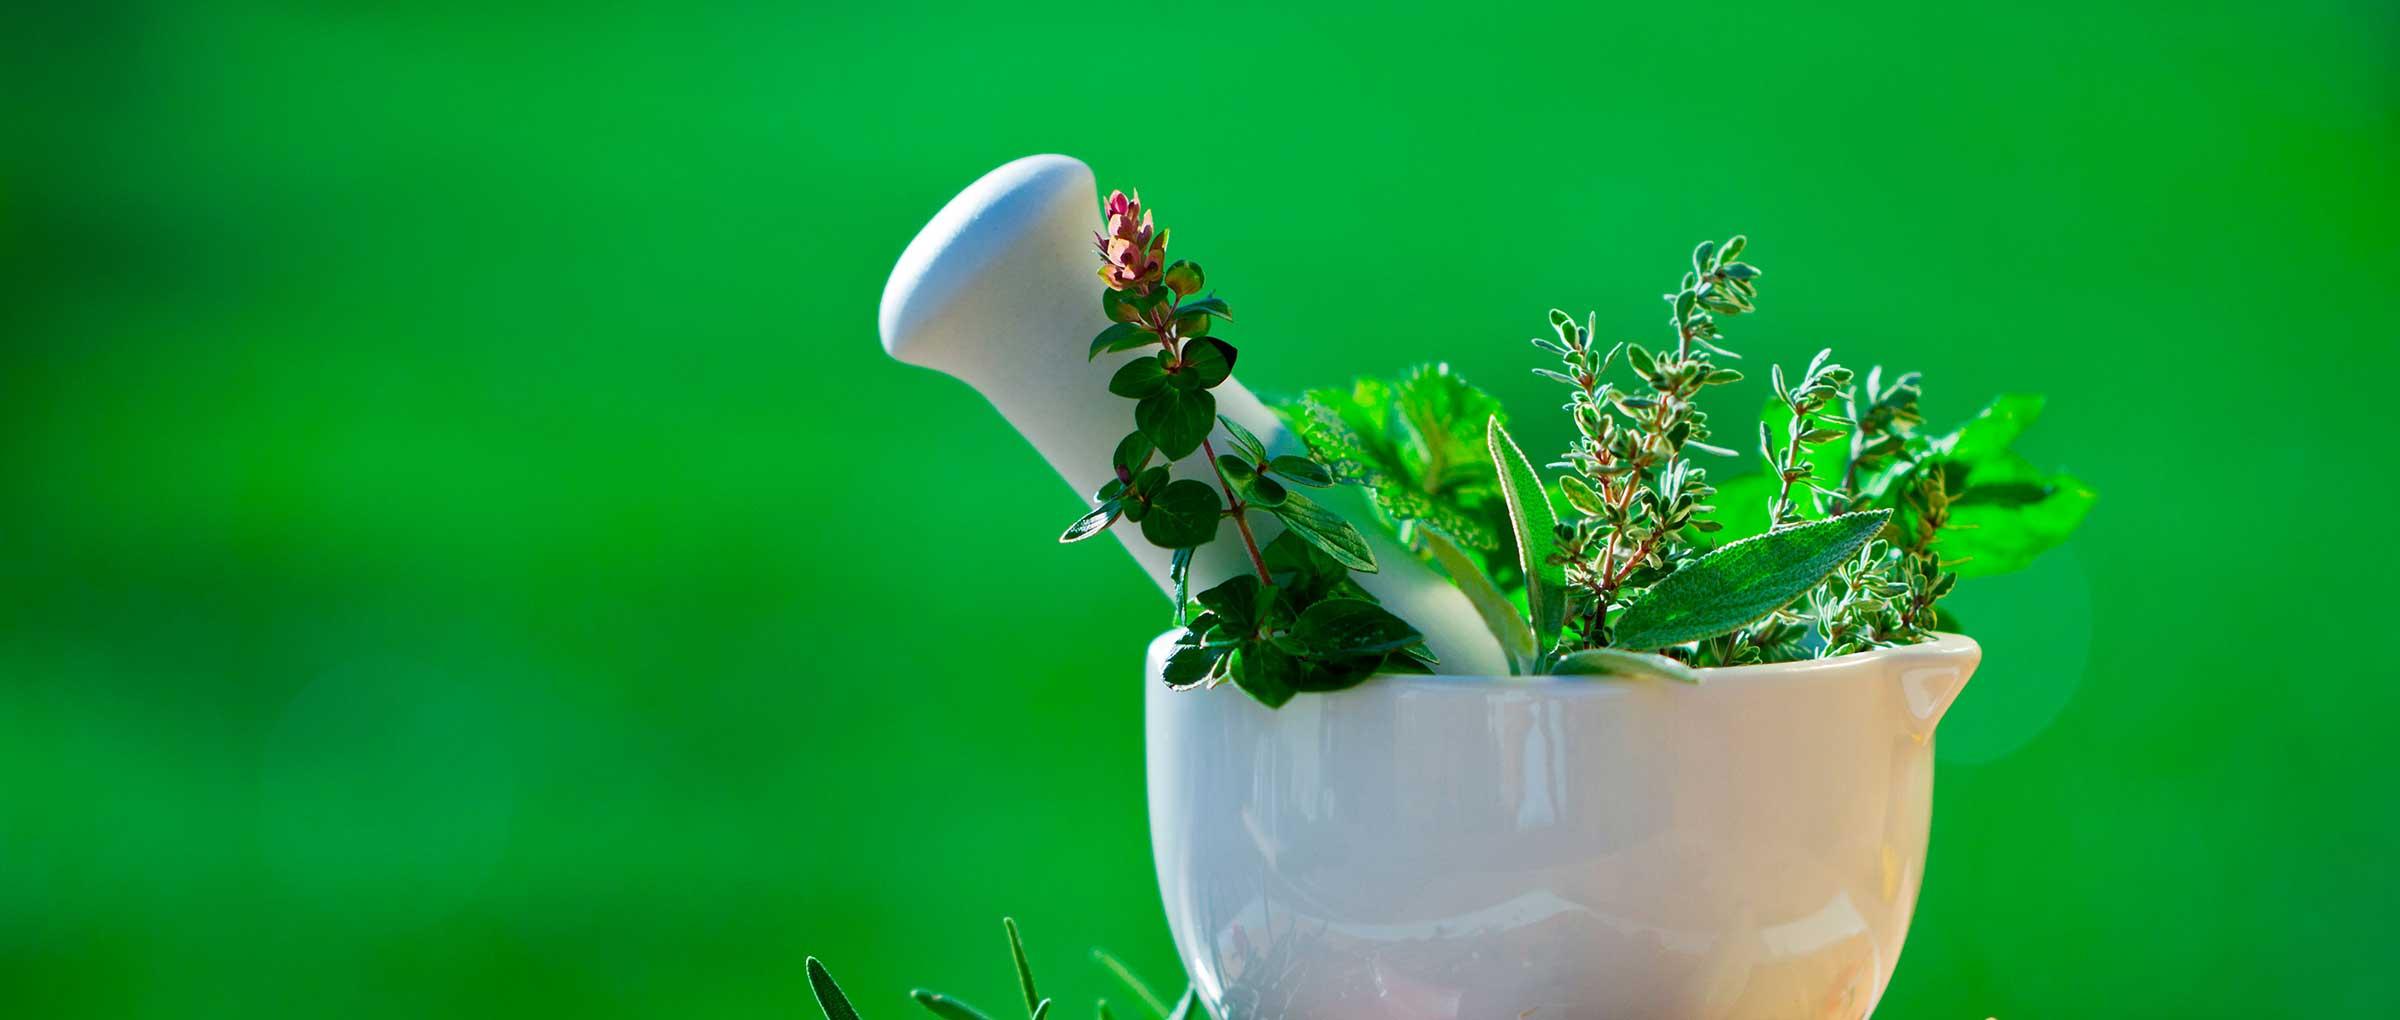 Remedios caseros para SOP